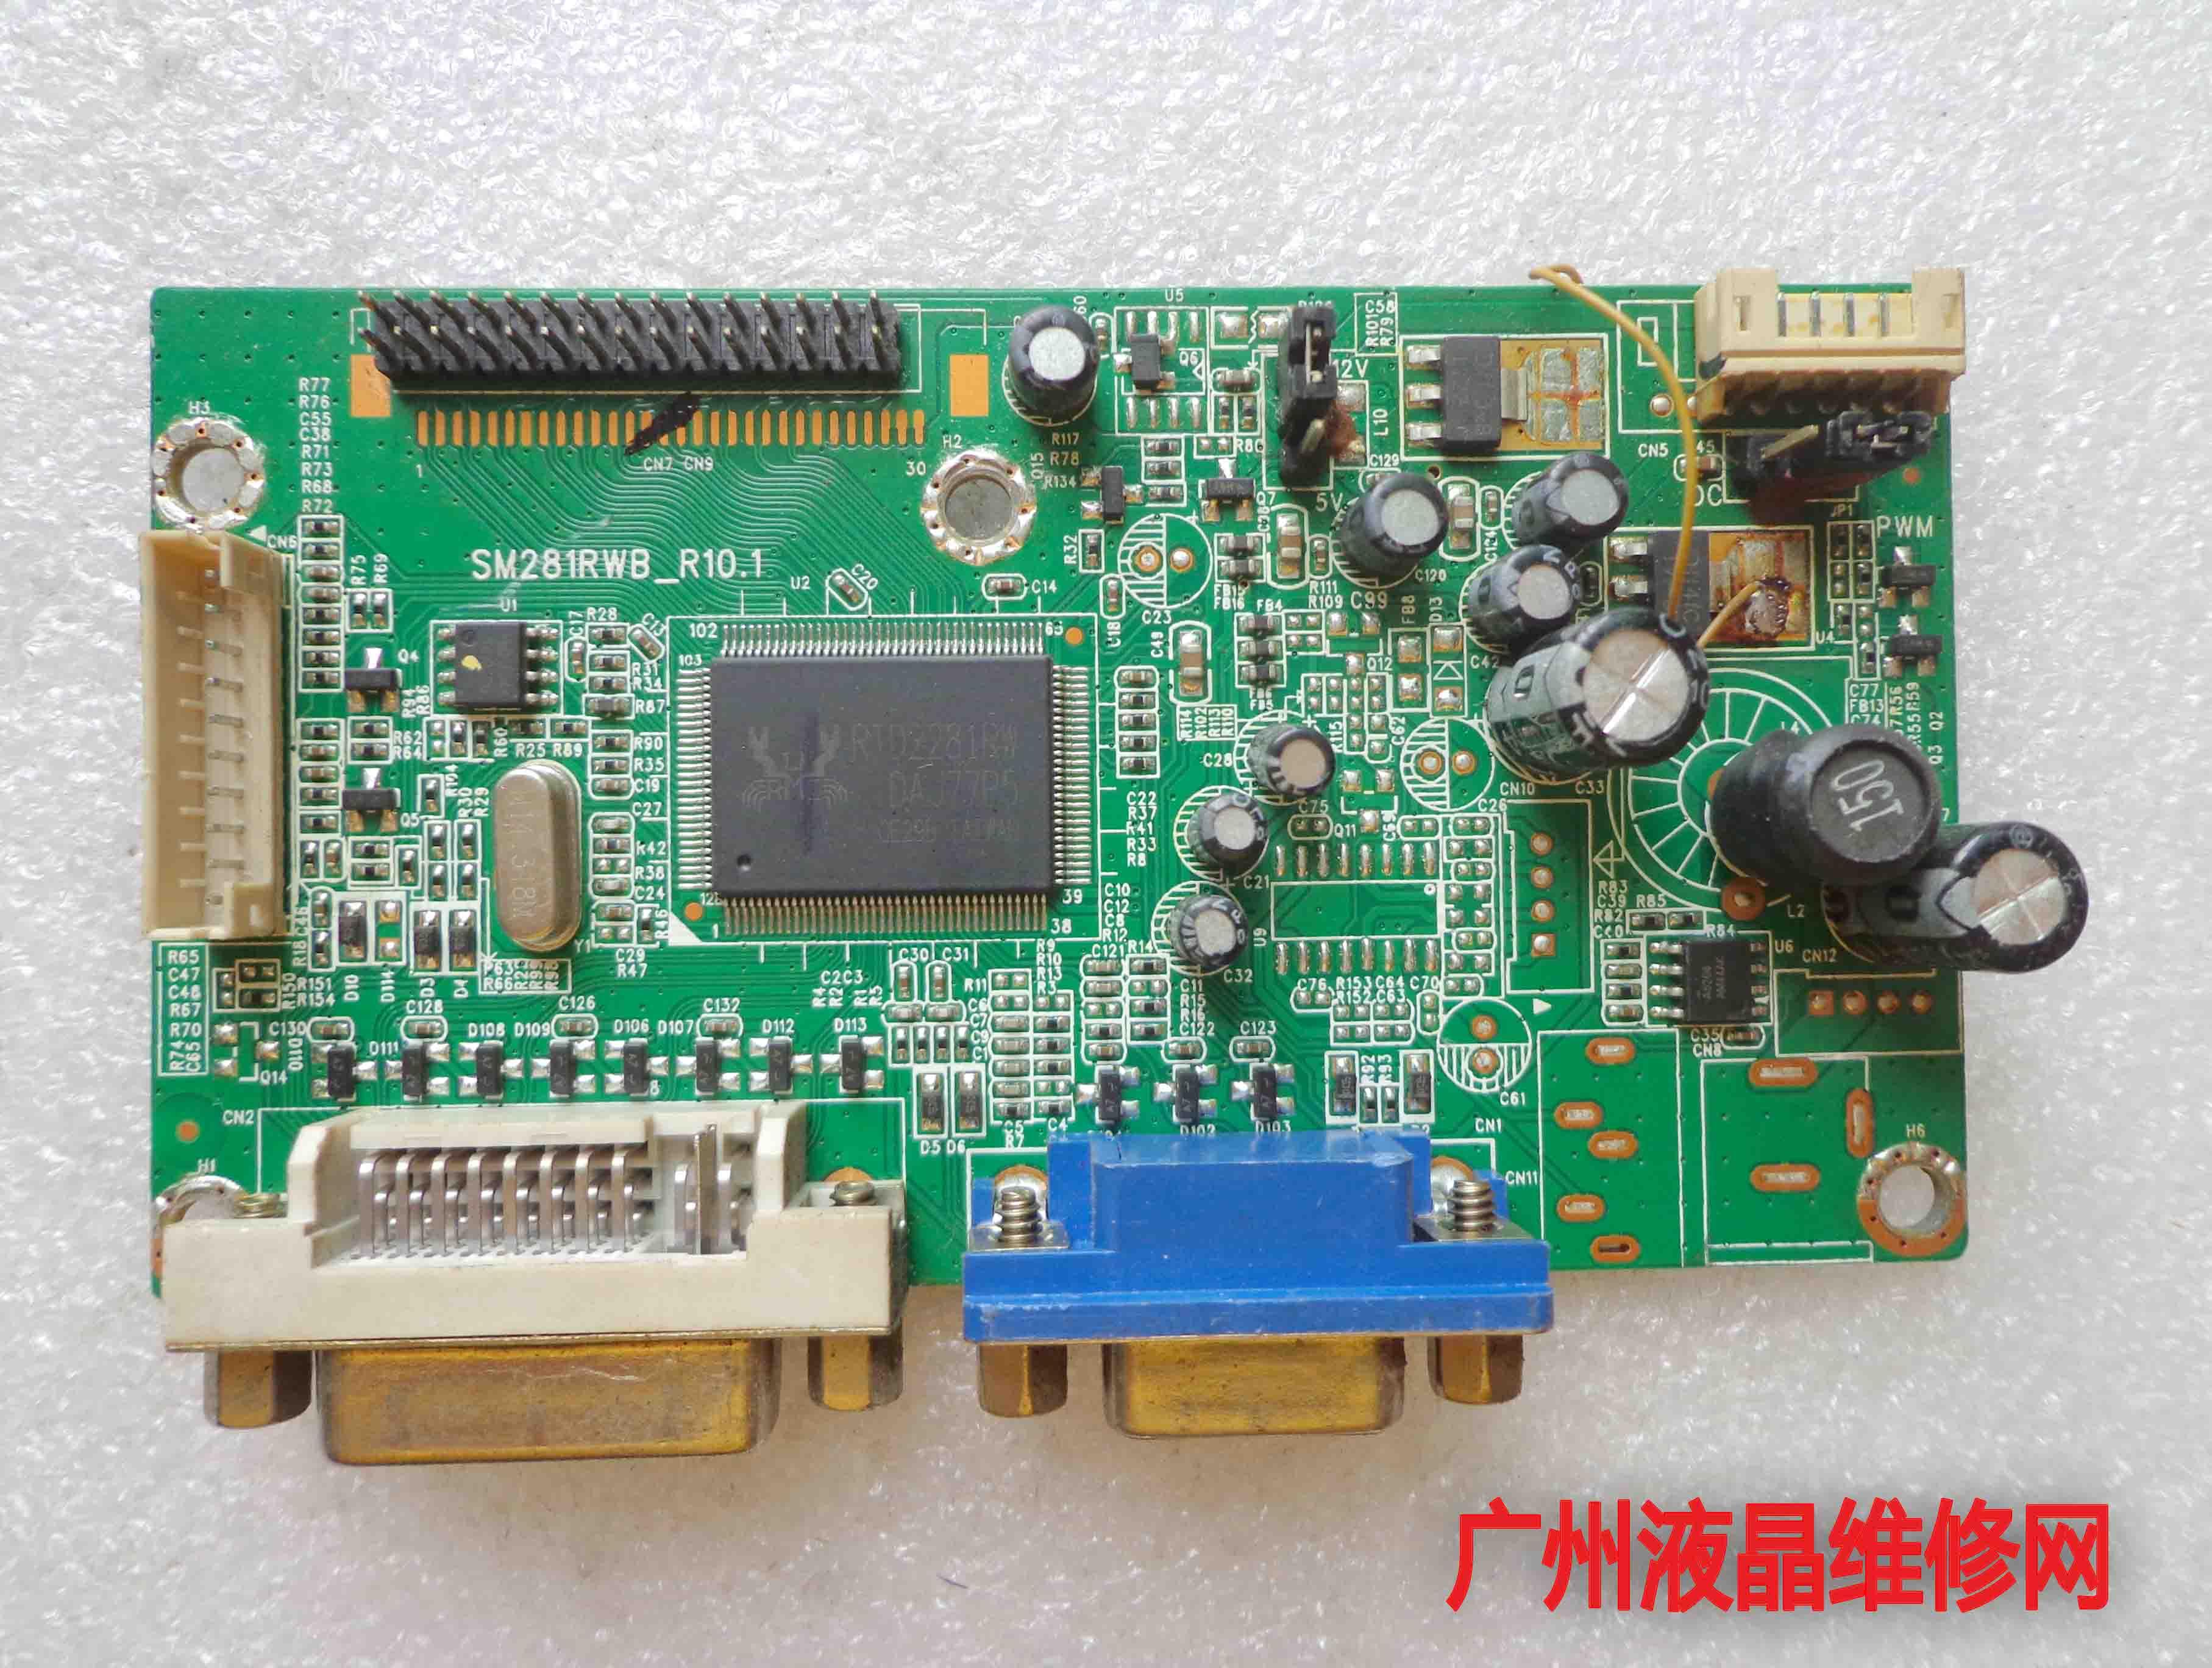 AG320FC لوحة للقيادة 315LM00010 اللوحة SM281RWB-R10.1